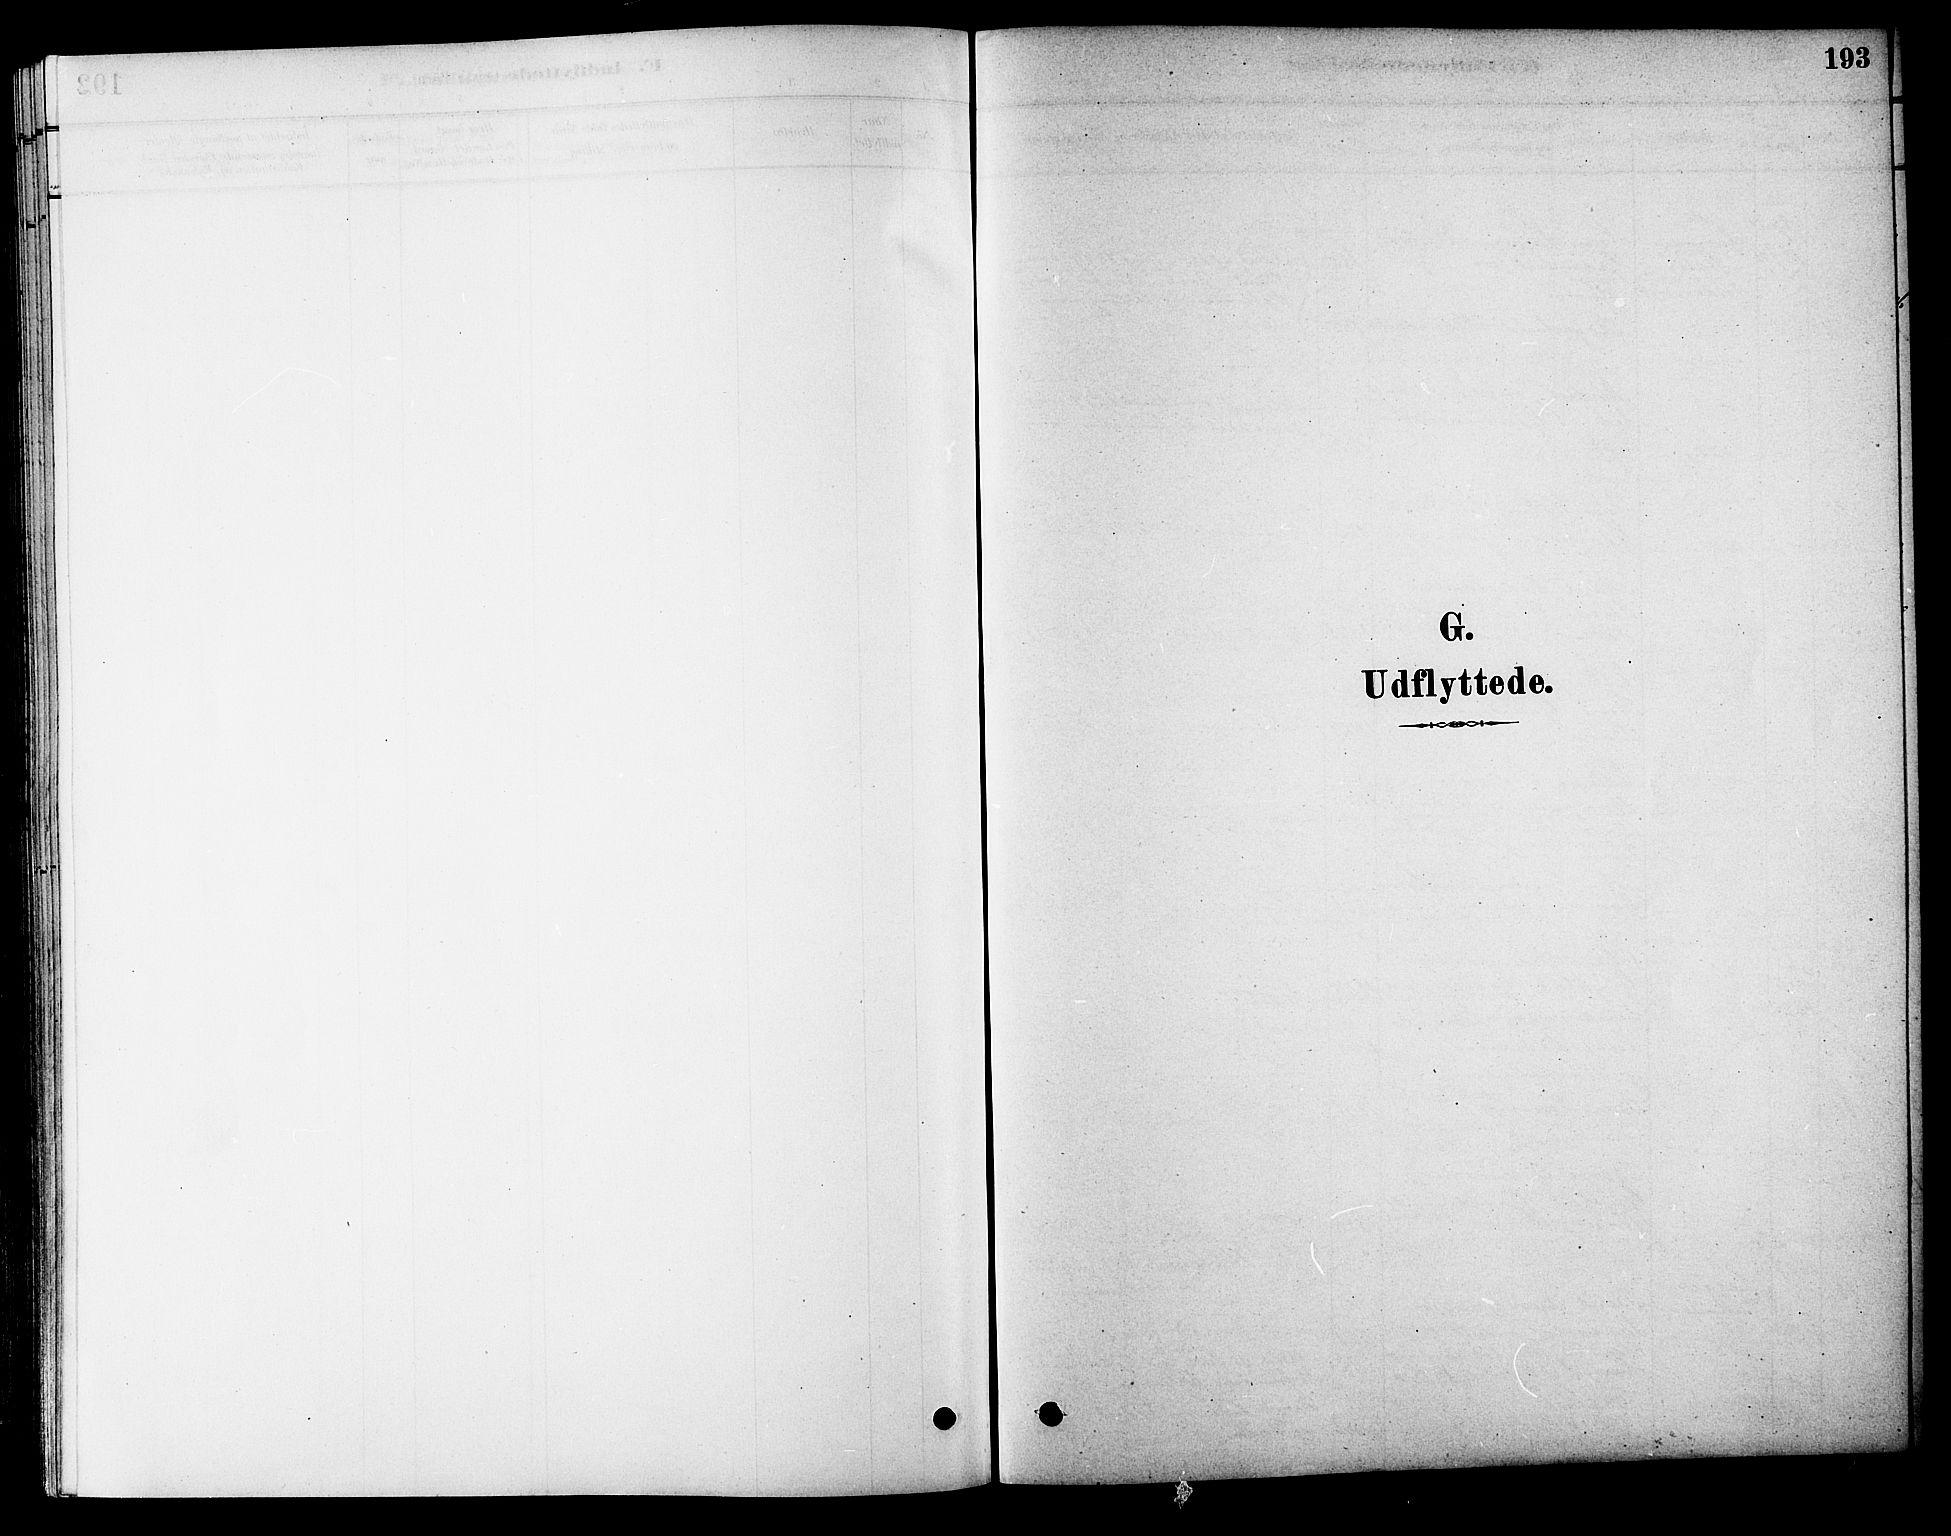 SAT, Ministerialprotokoller, klokkerbøker og fødselsregistre - Sør-Trøndelag, 686/L0983: Ministerialbok nr. 686A01, 1879-1890, s. 193